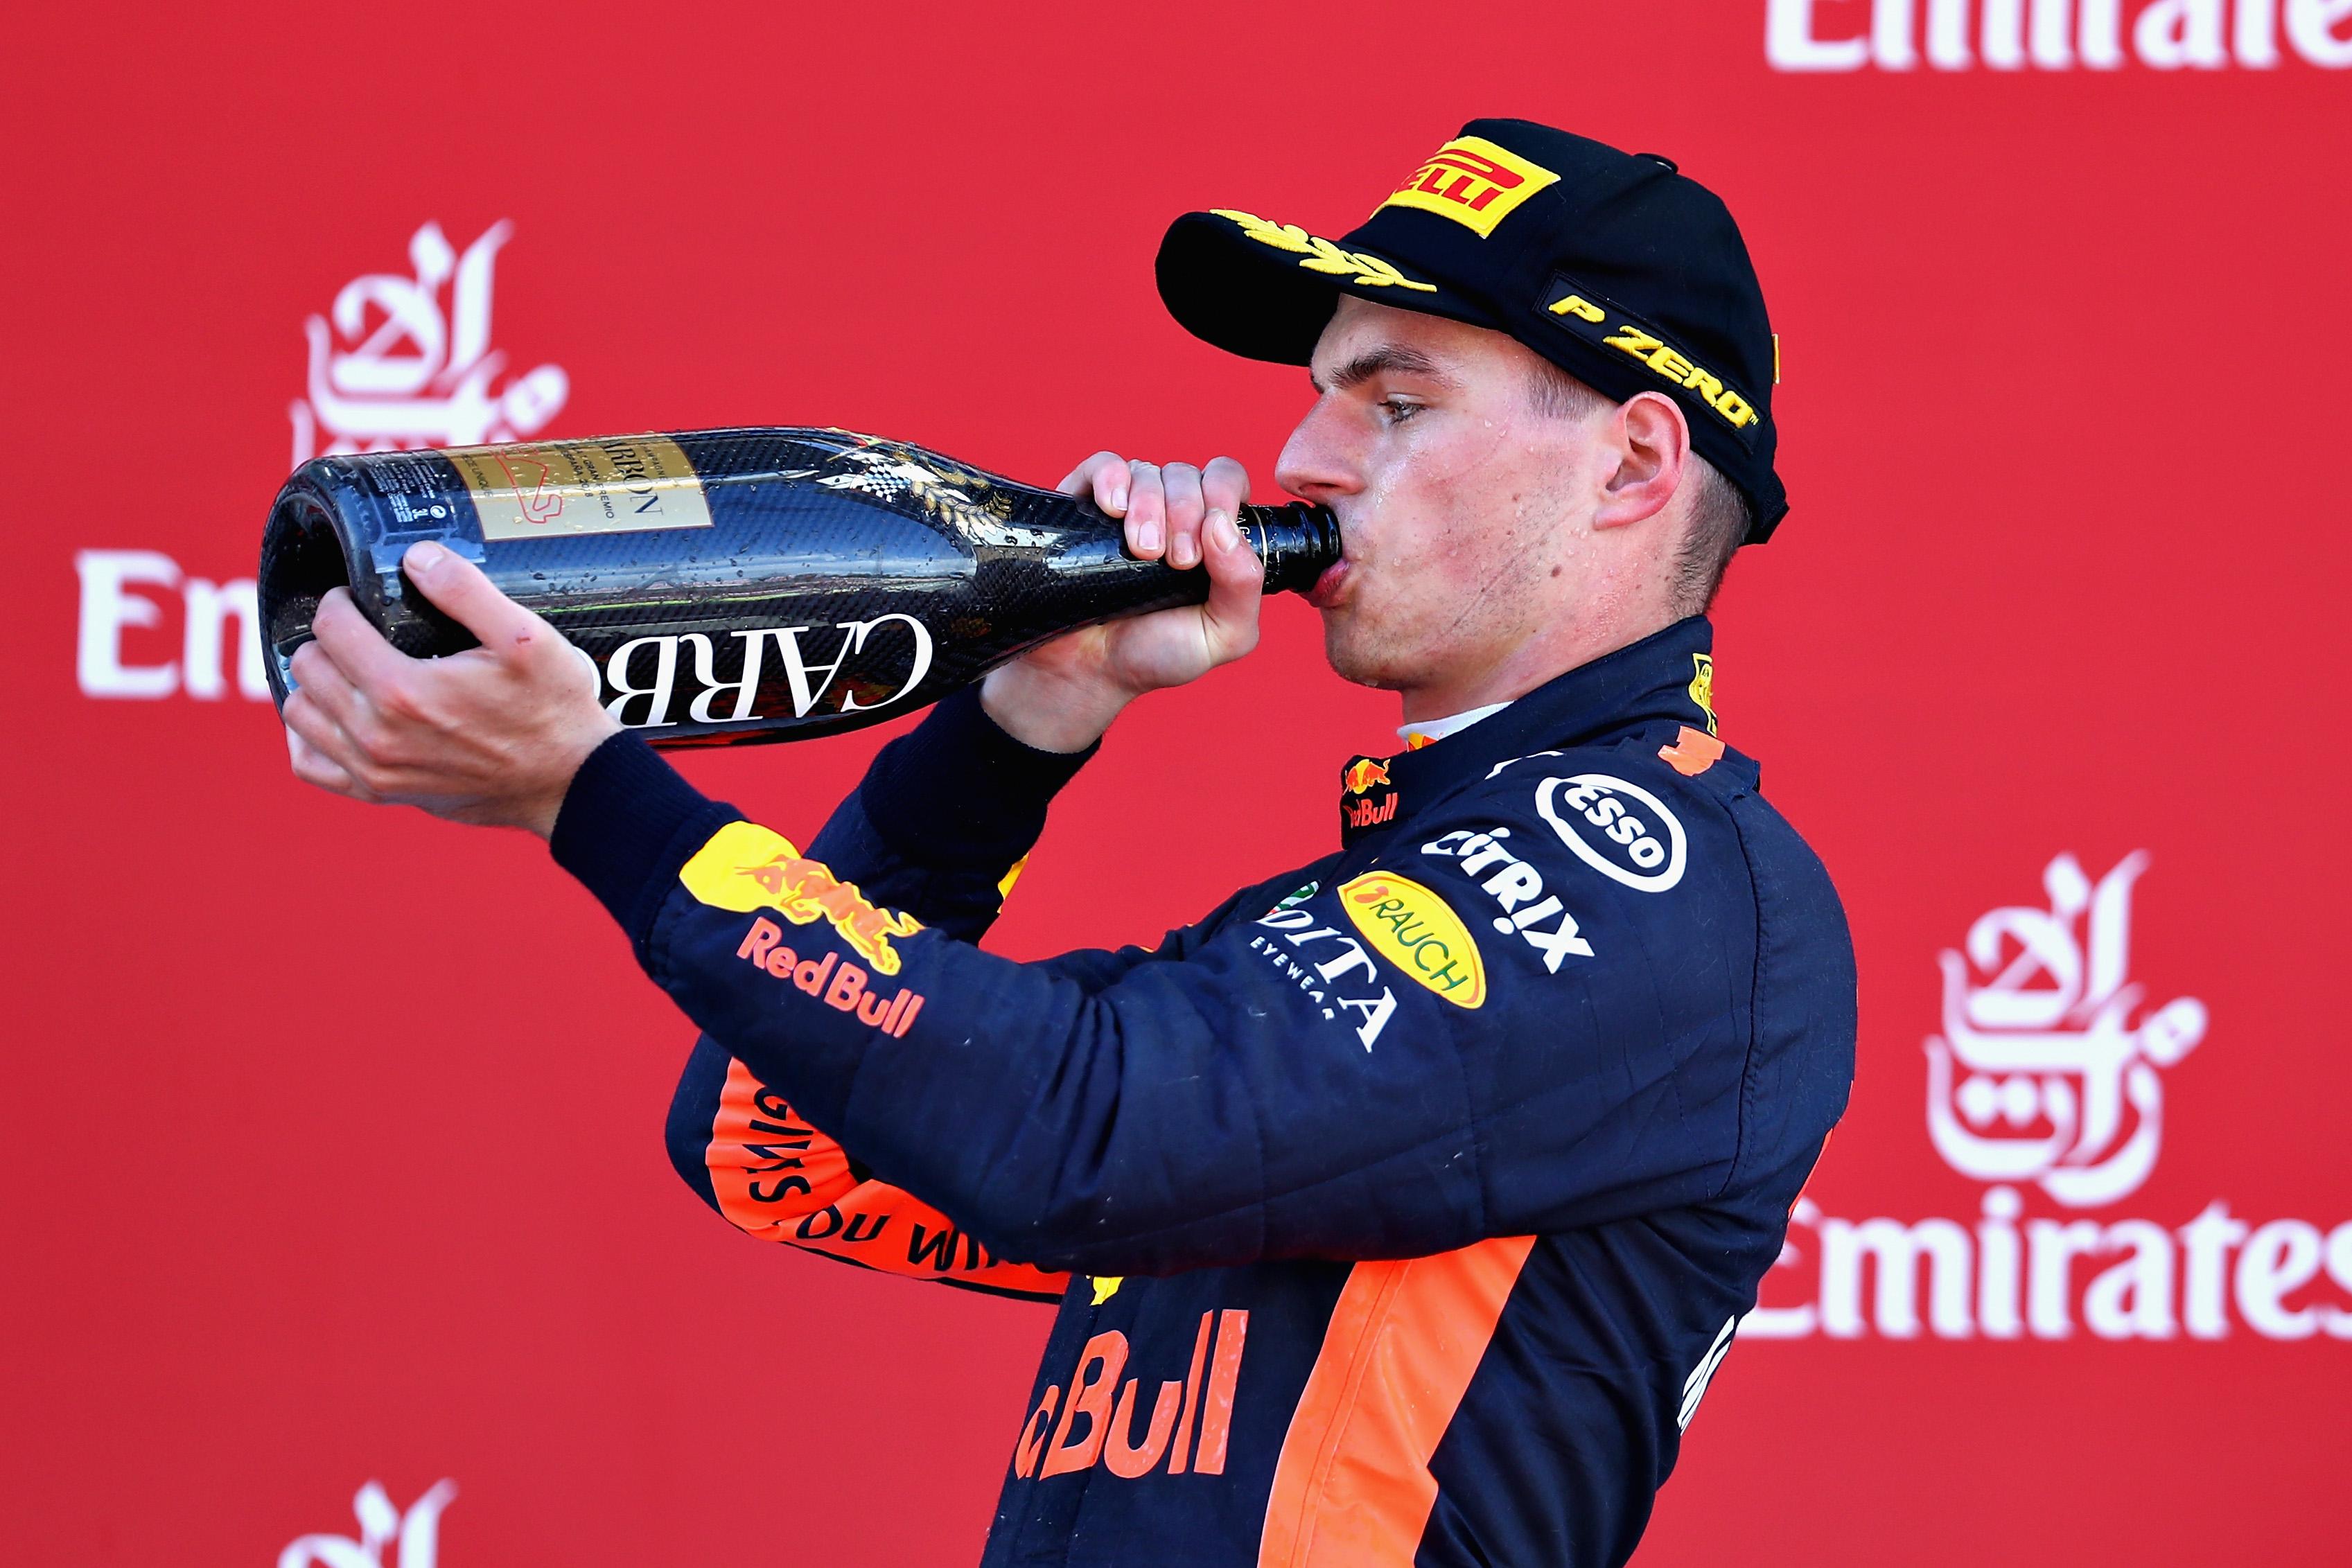 gevolgen van de GP van Spanje 2018